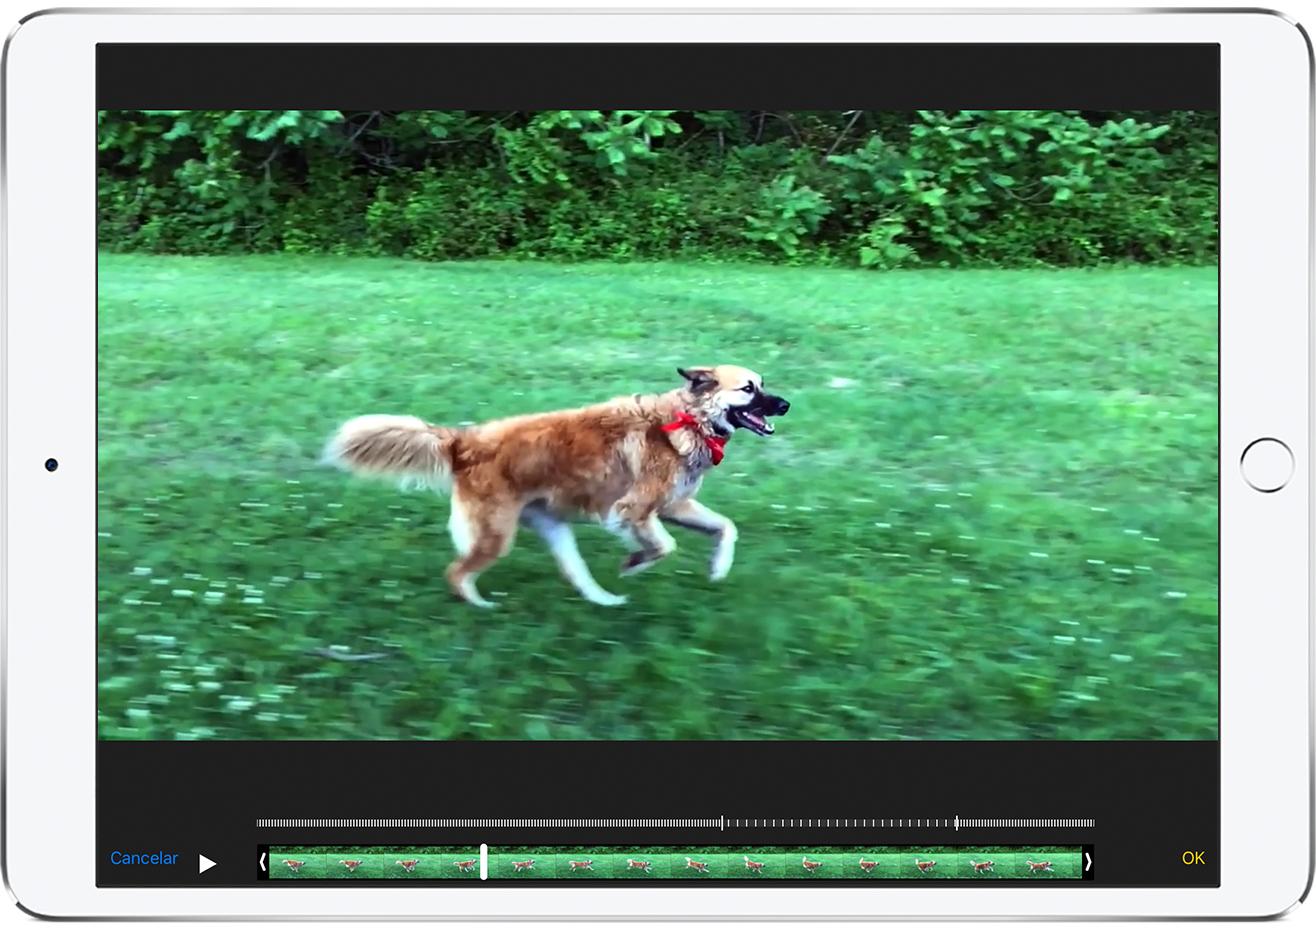 Cómo editar los videos en el iPhone, iPad, iPod touch o la Mac ...